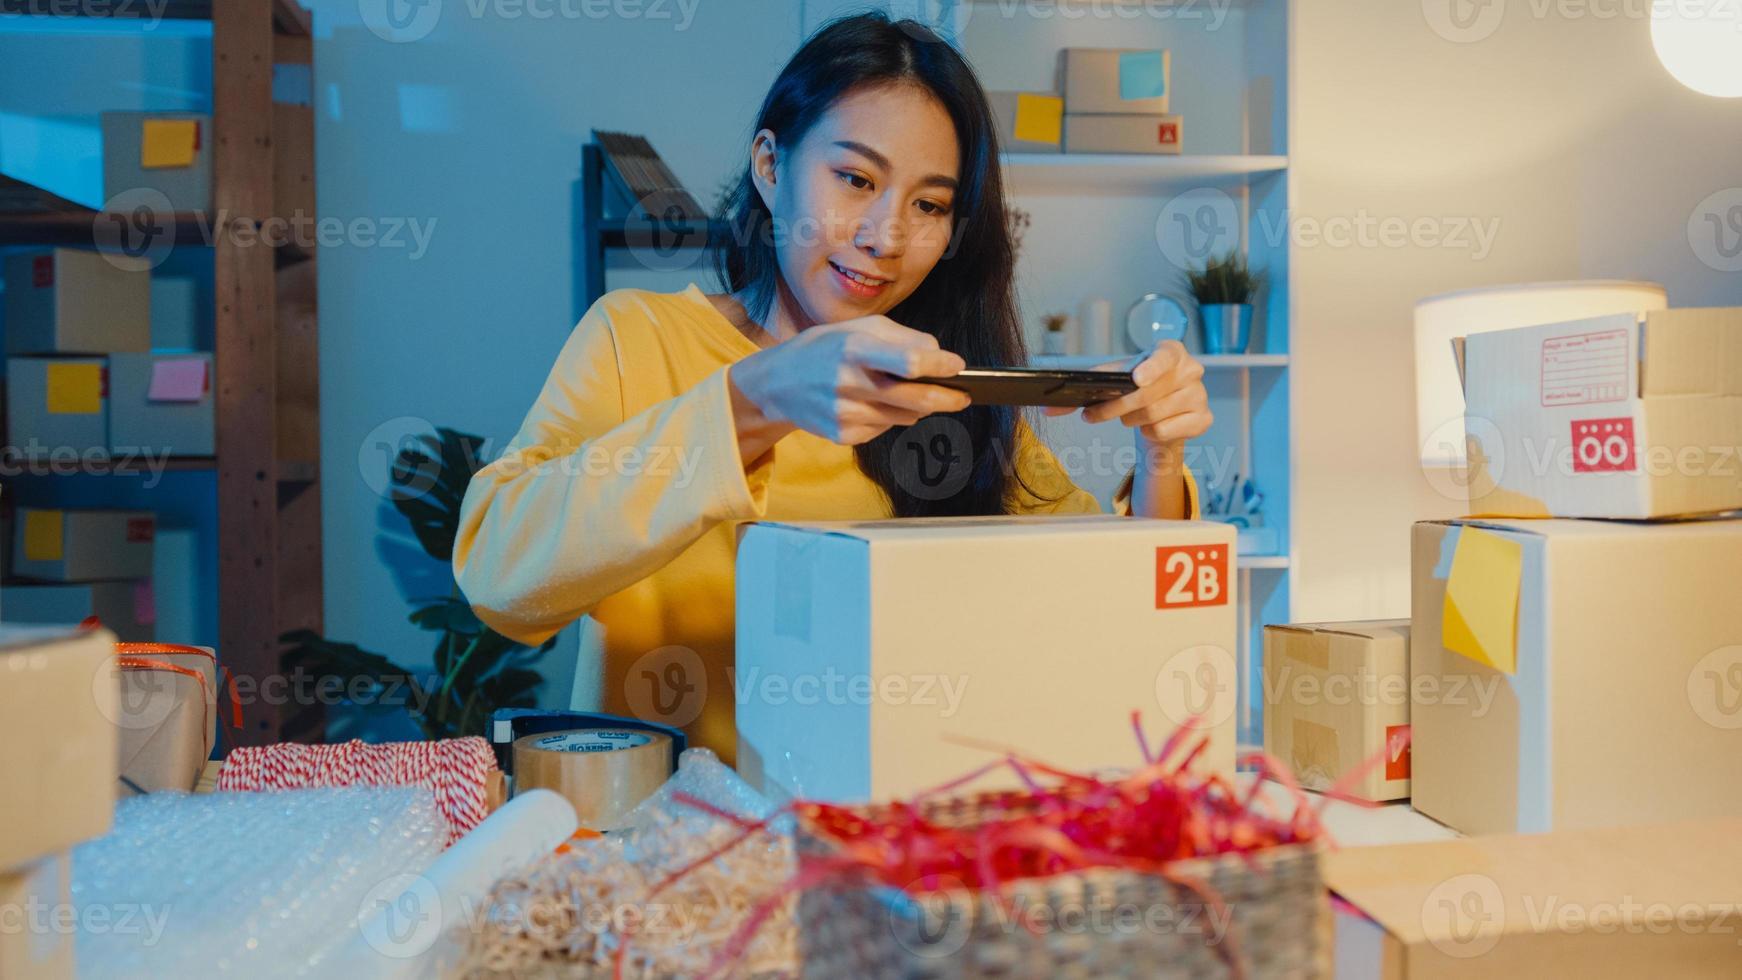 ung asiatisk kvinna använder smartphone ta streckkodsbild på paketprodukt för leverans till kund på hemmakontor på natten. småföretag, online marknadsföring, livsstil frilans koncept. foto